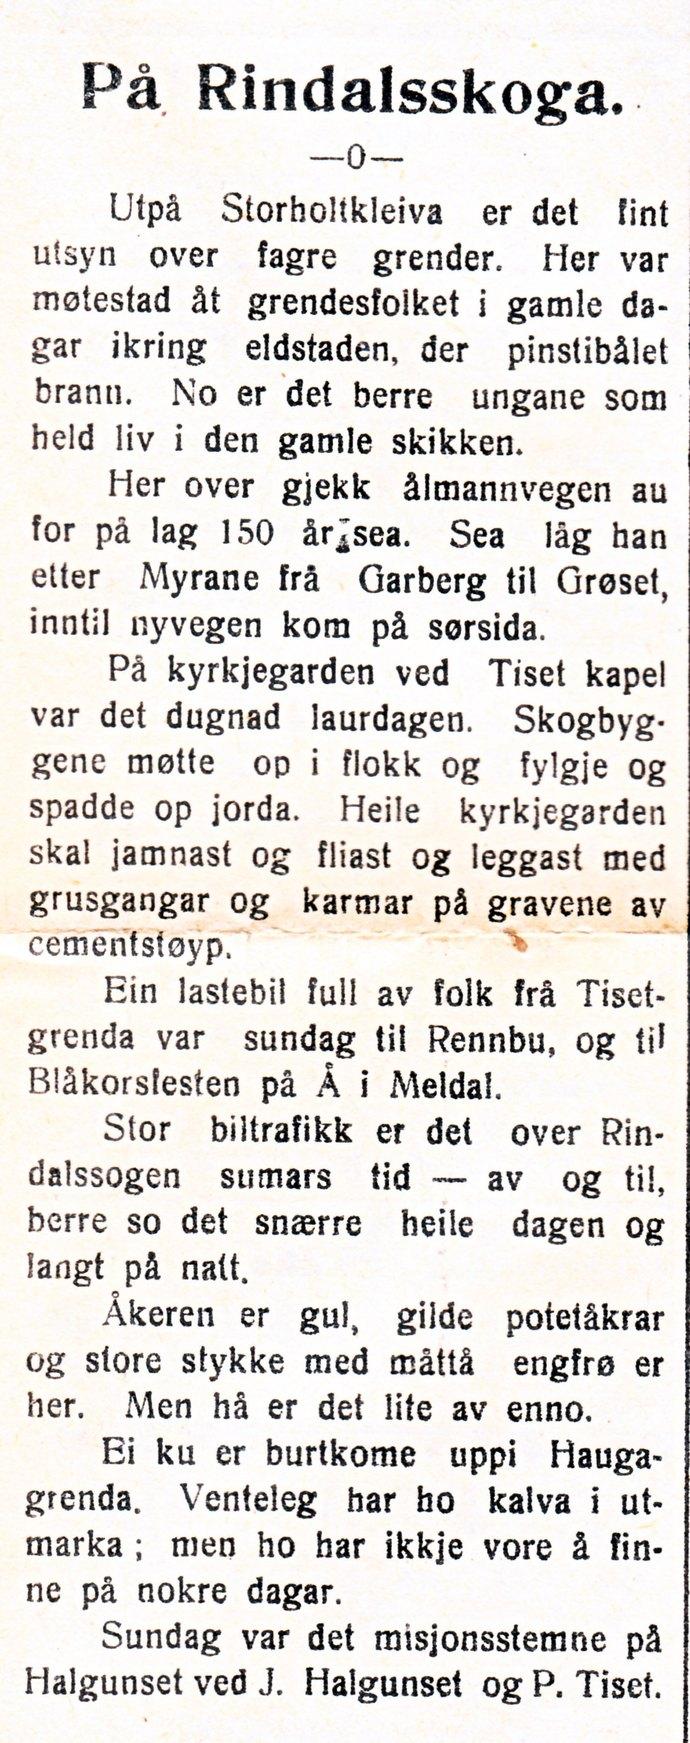 På Rindalsskoga_690x1743.jpg